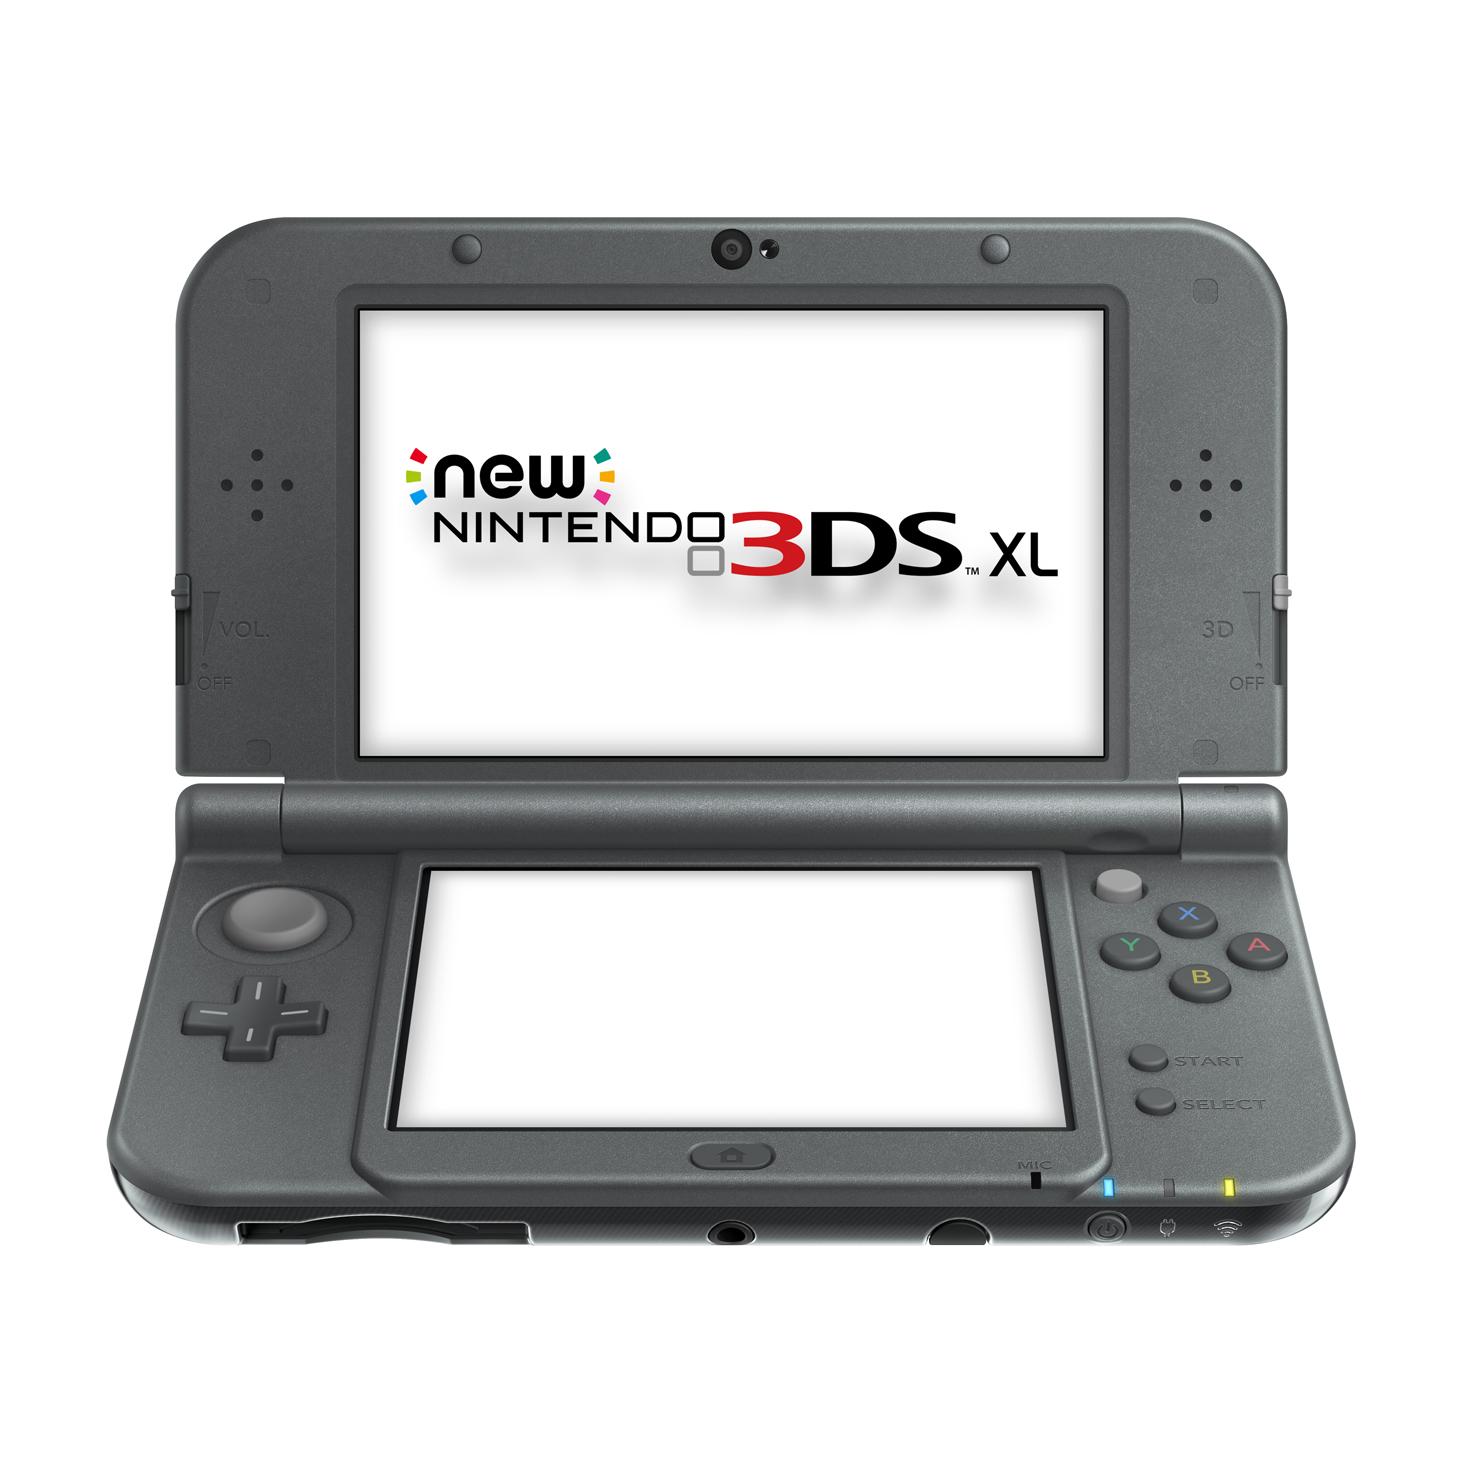 New Nintendo 3DS XL: scheda tecnica, prezzo e giochi